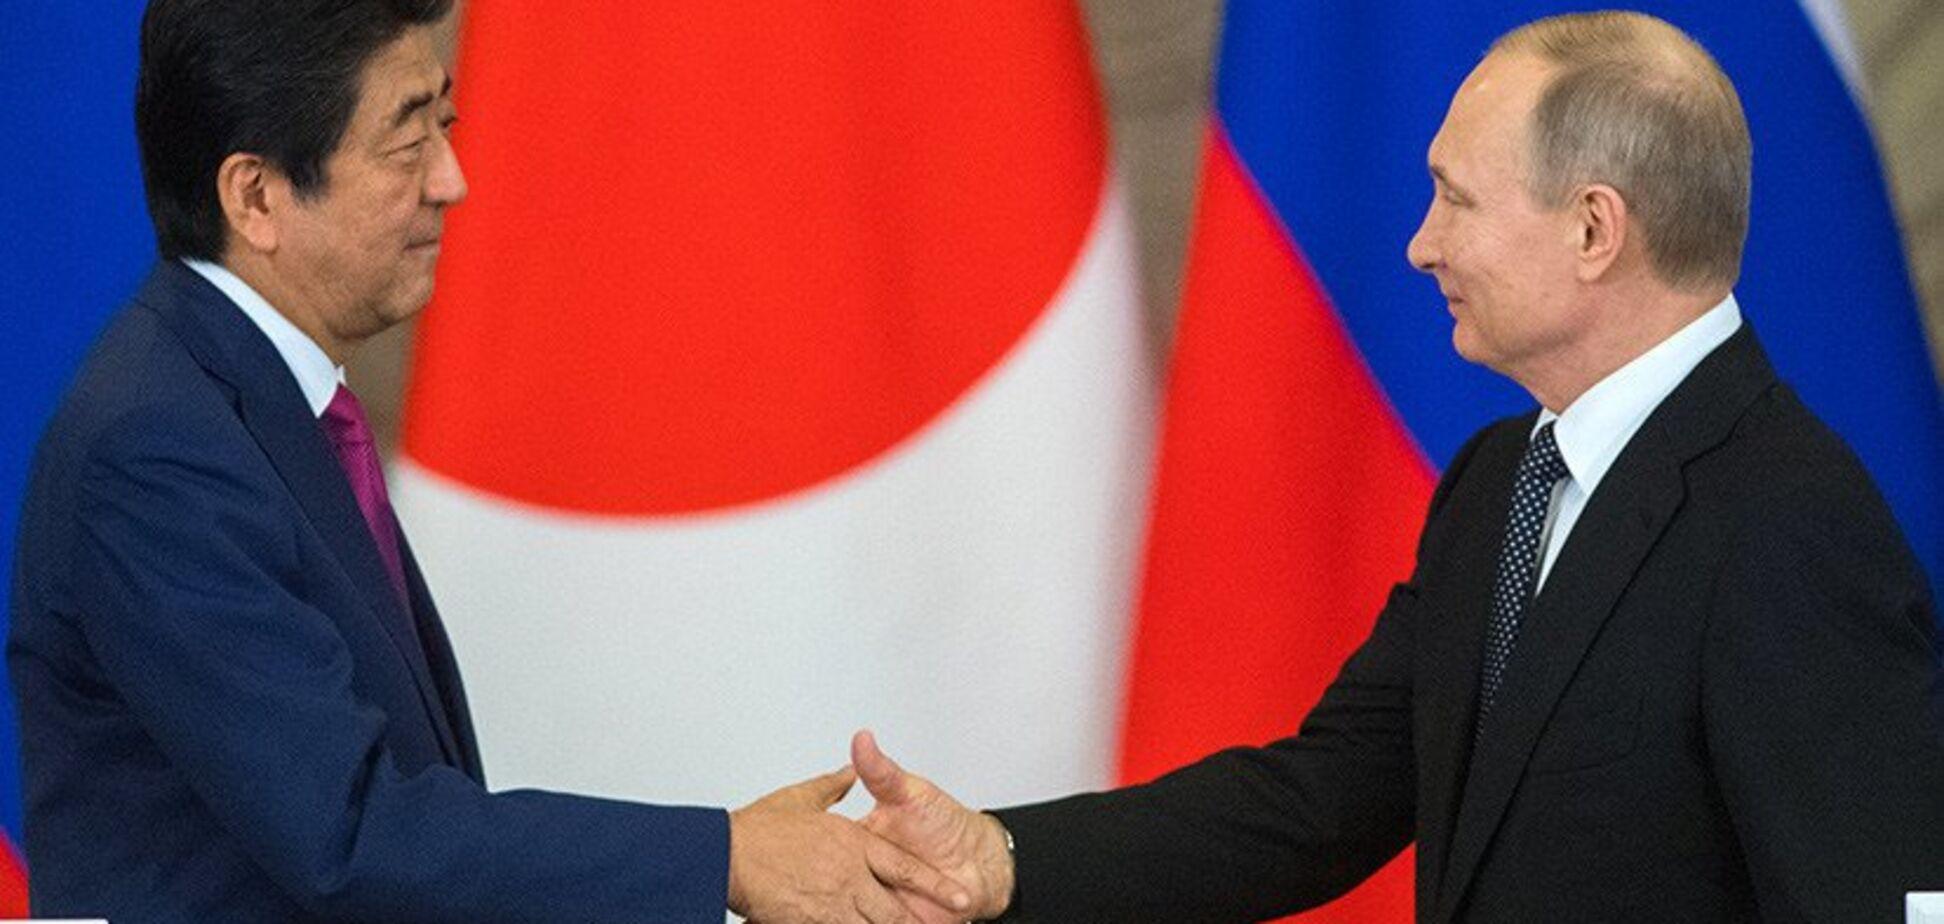 Історична угода щодо Курил: в Росії назвали помилку Путіна